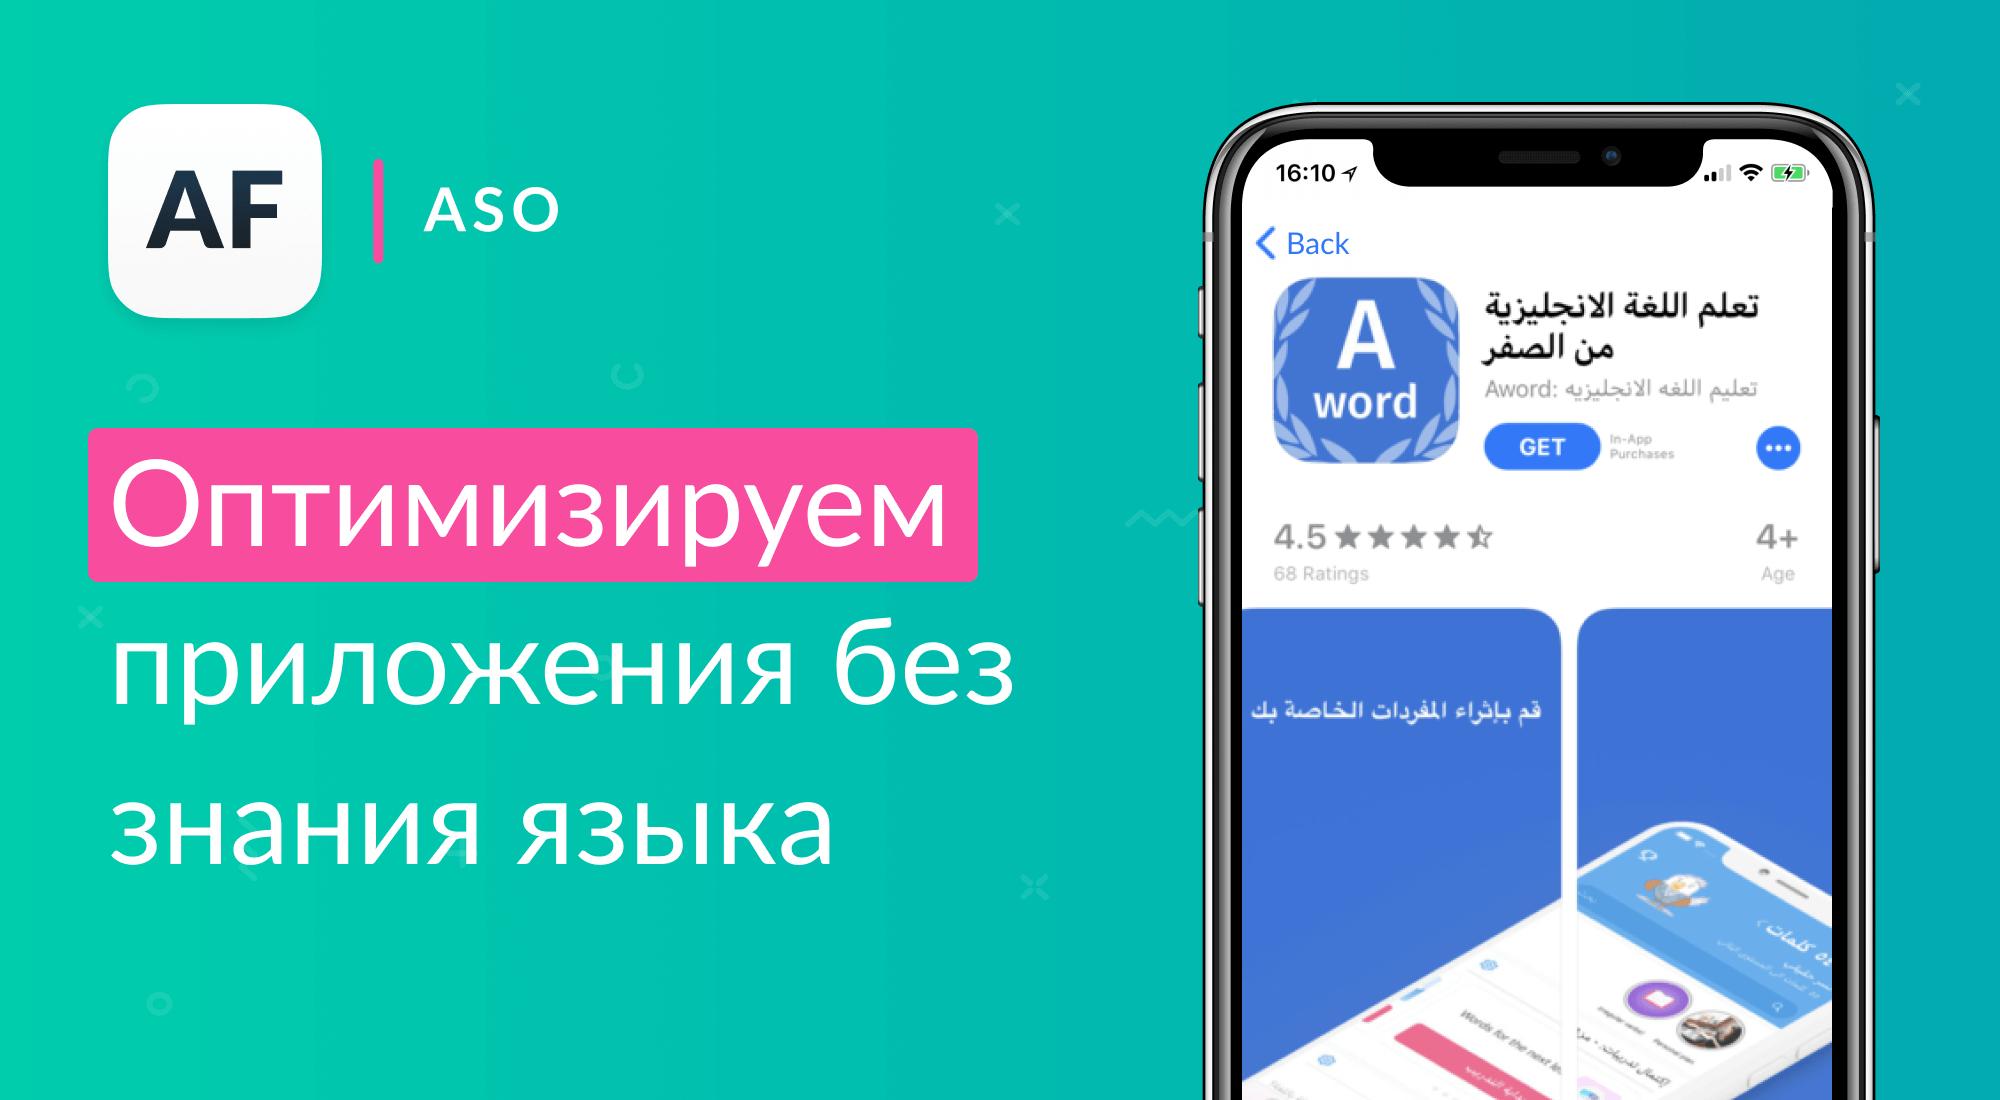 Как оптимизировать приложение на арабском и увеличить установки на 490%